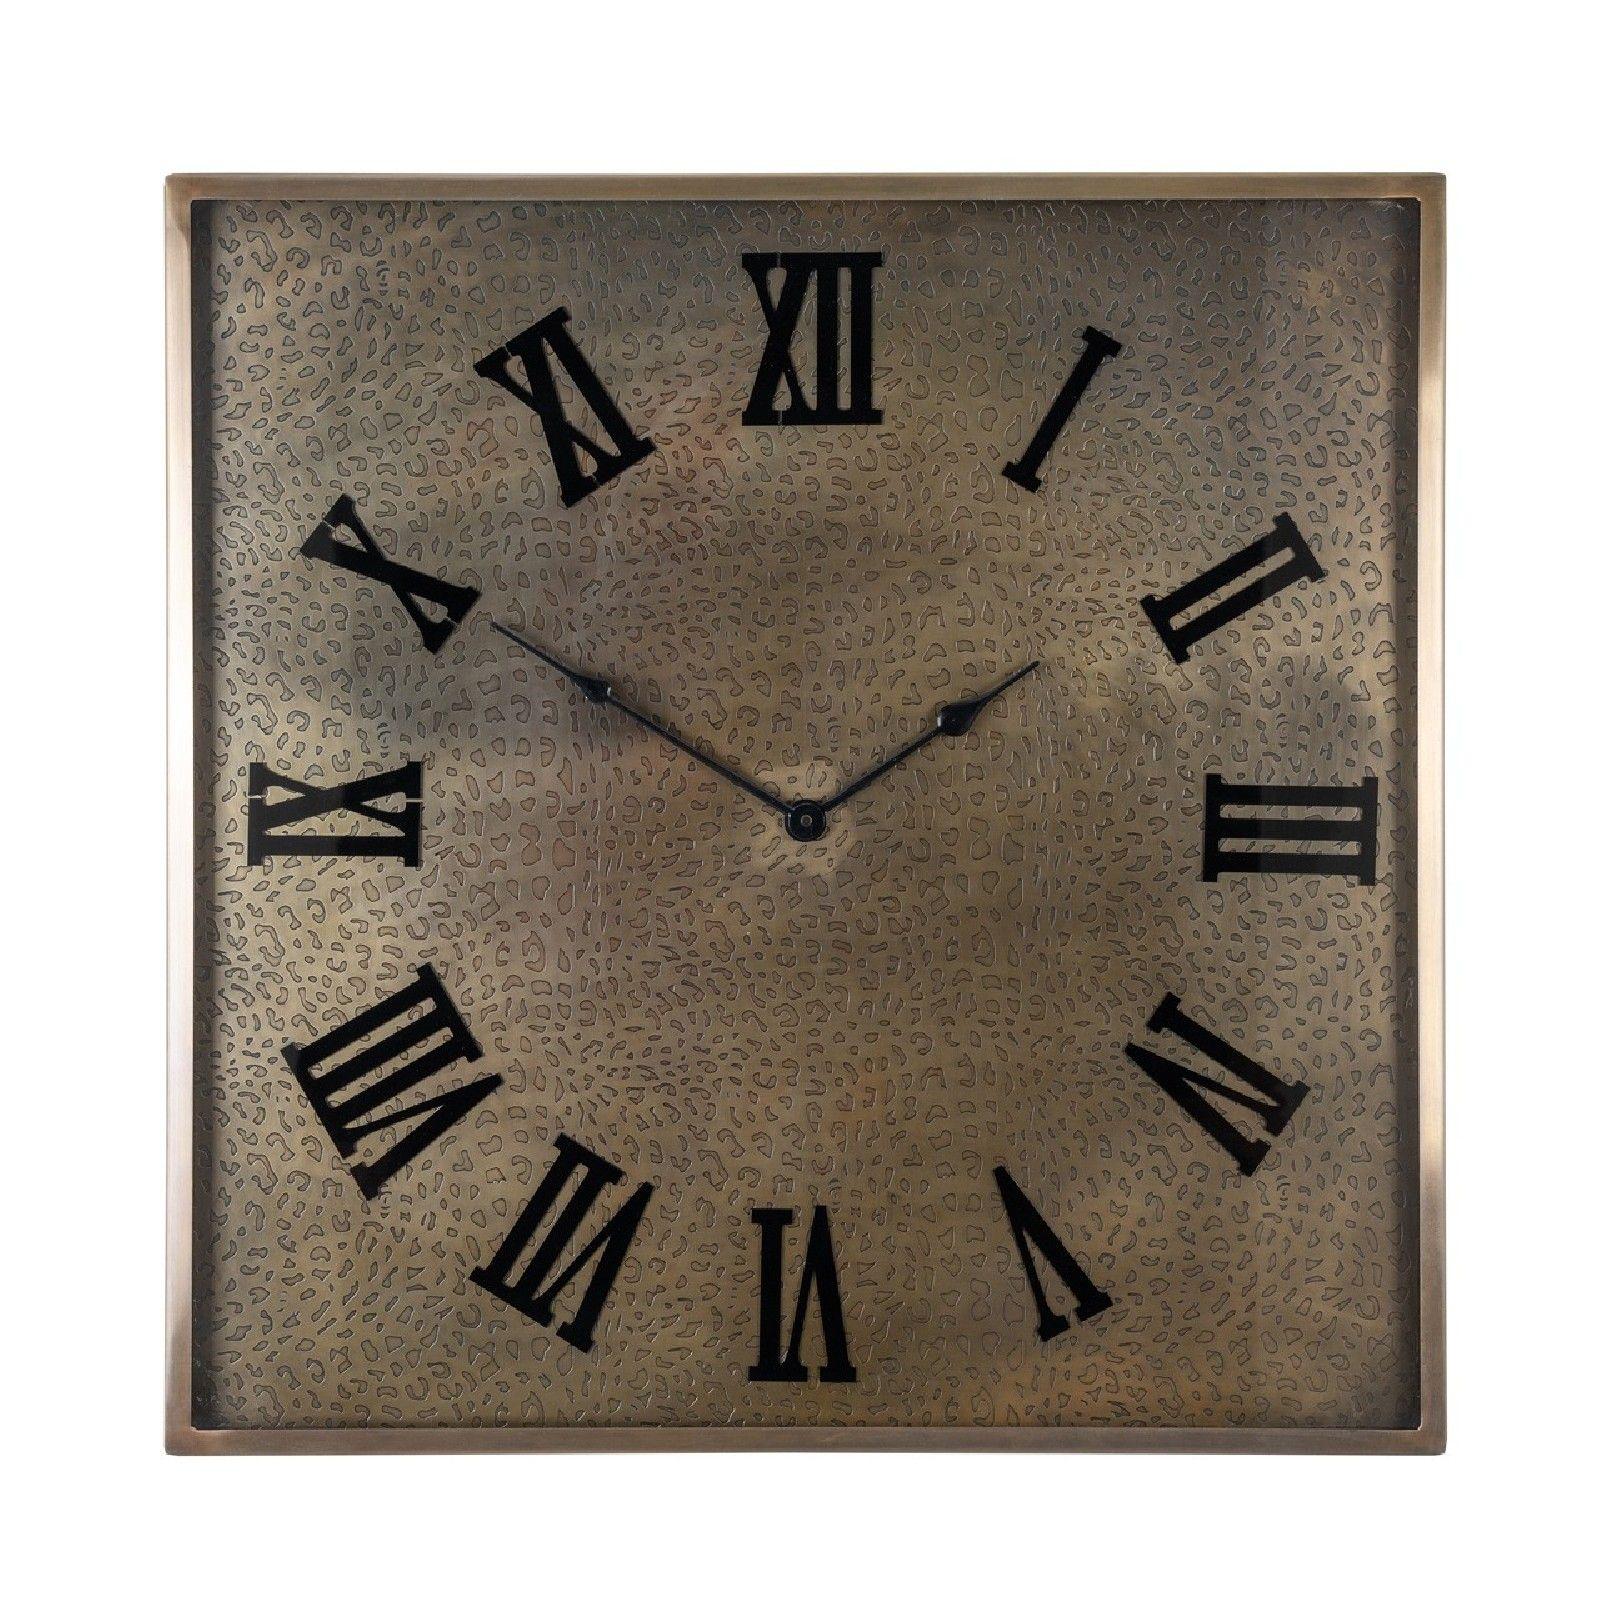 Horloge Bradlee Horloges murales - 22